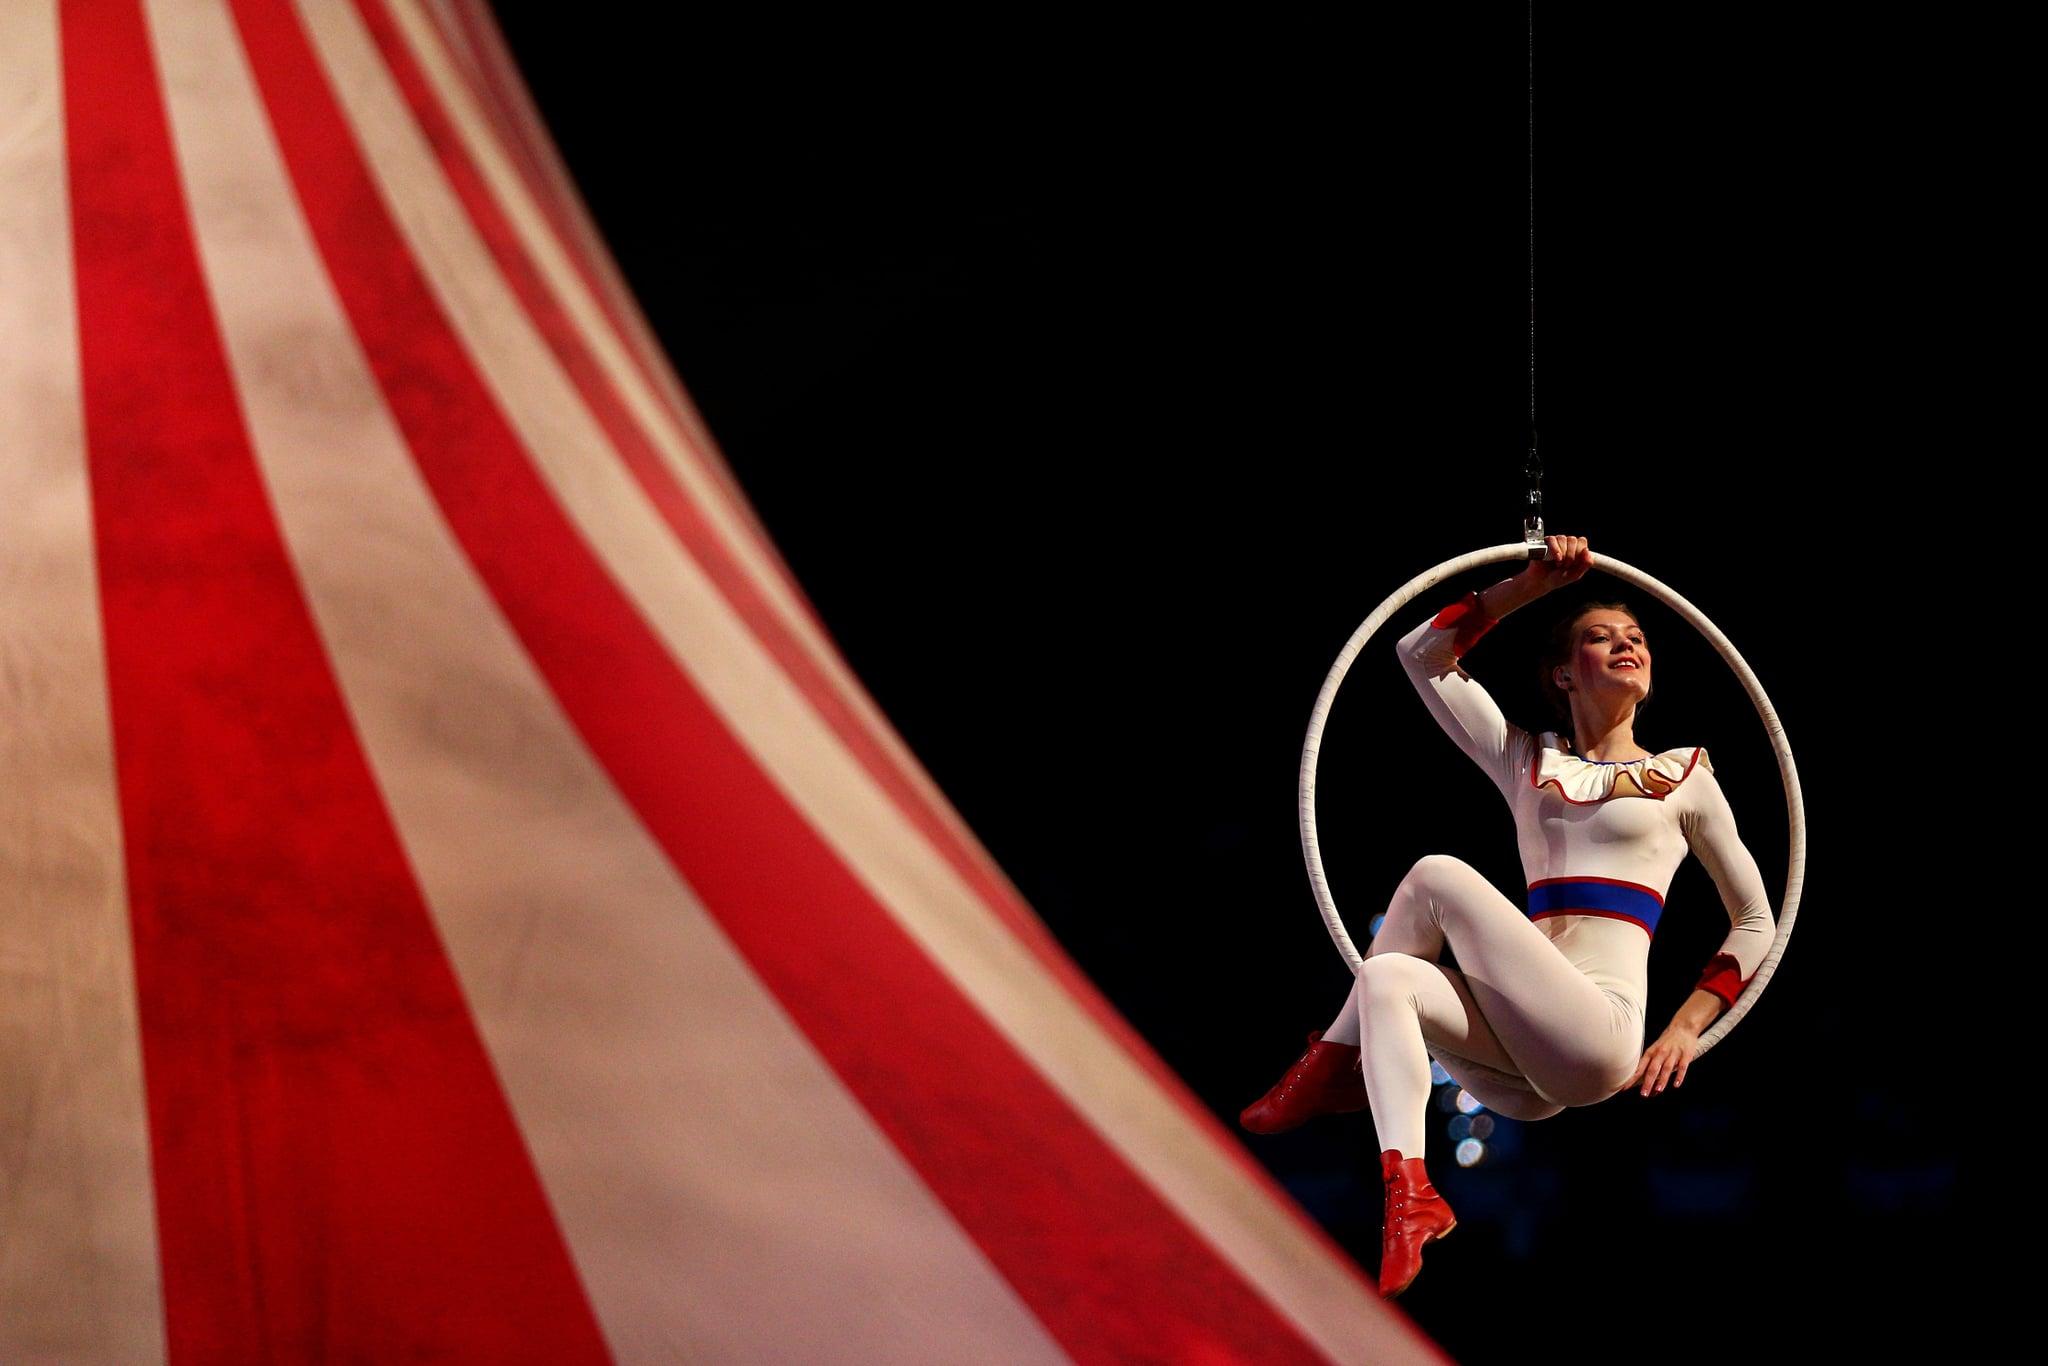 Circus performers danced in hoops.